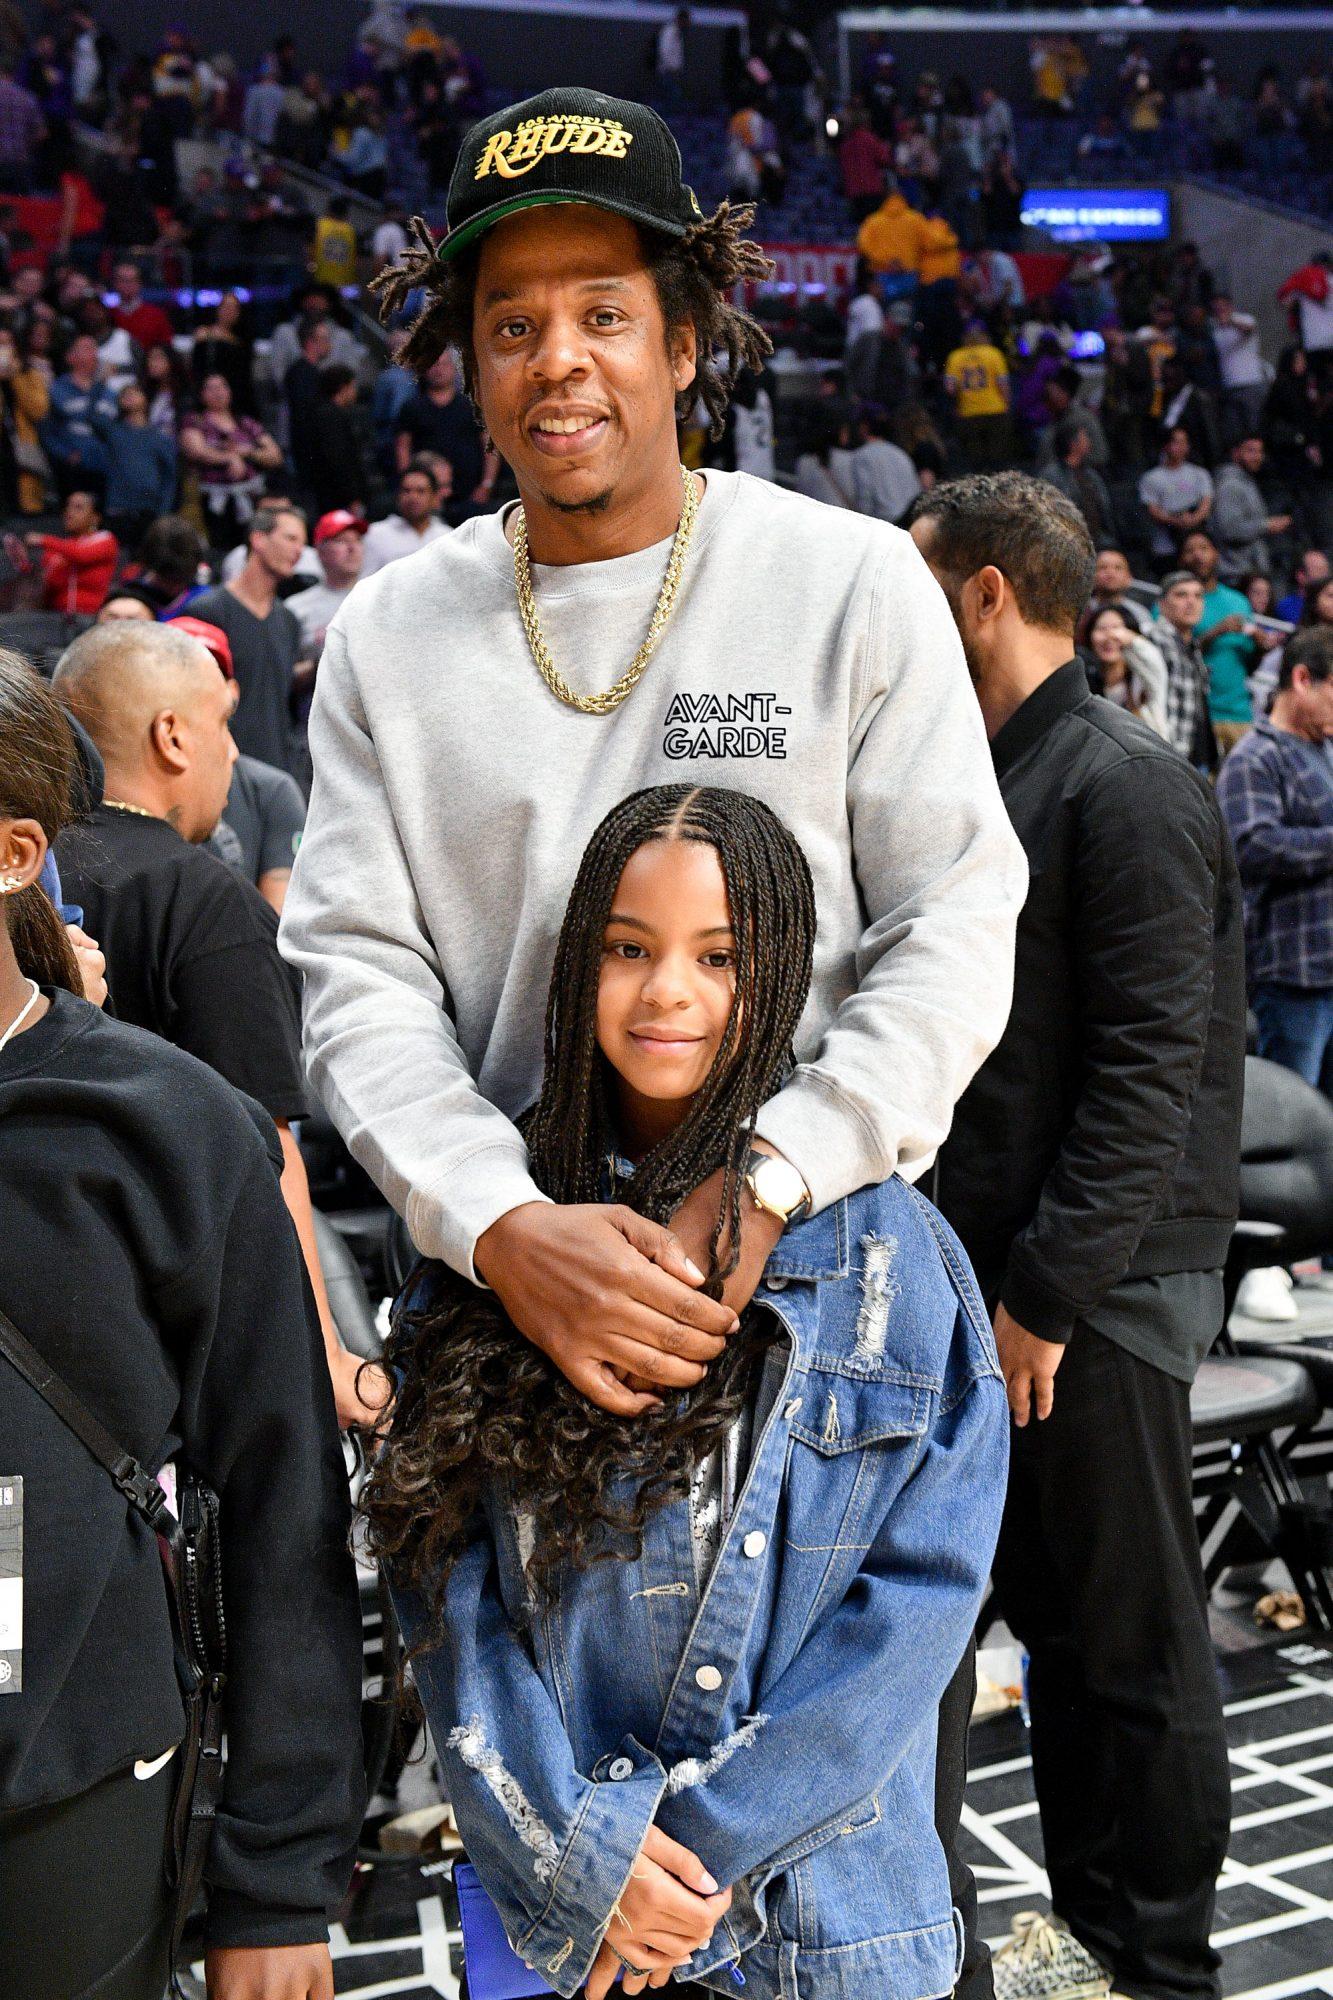 Jay-Z partido de baloncesto en el Stapes Center de Los Ángeles con su hija Blue Ivy Carter.